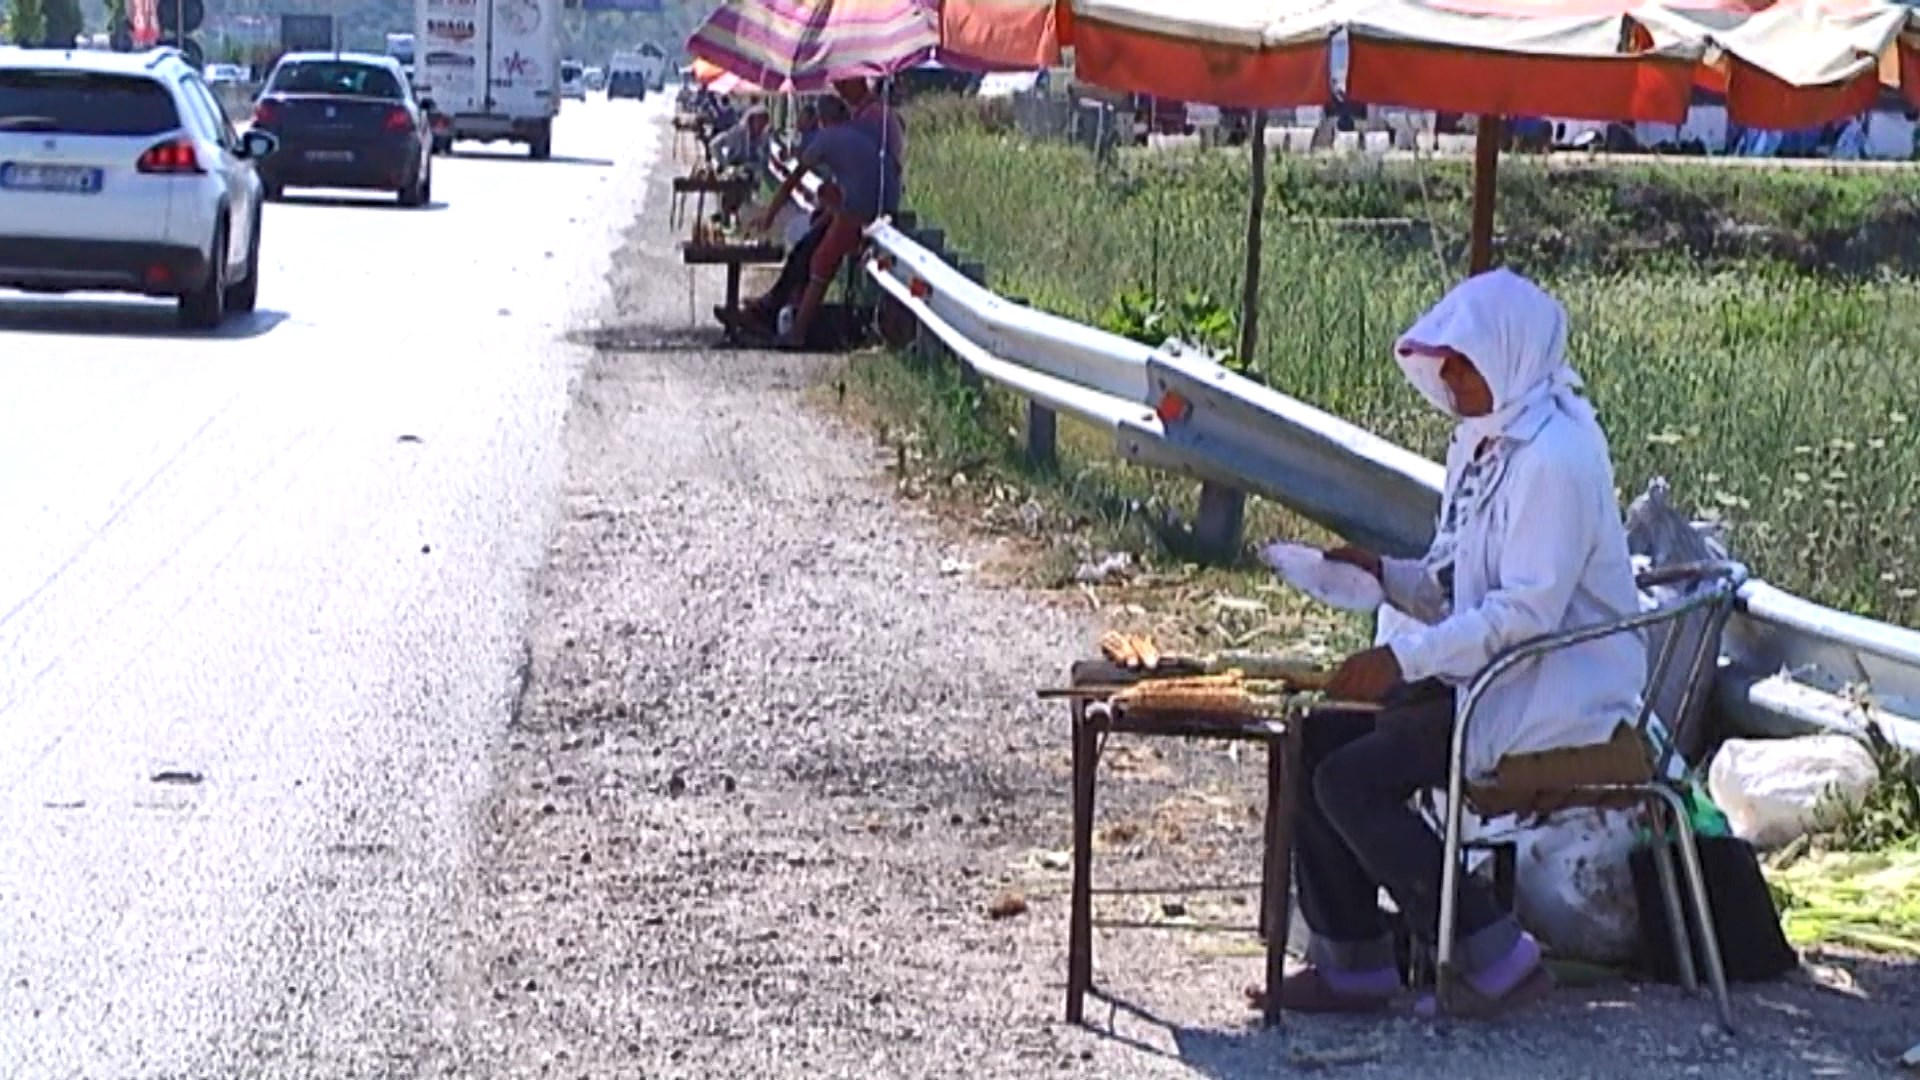 Shitësit e misrave në autostradë